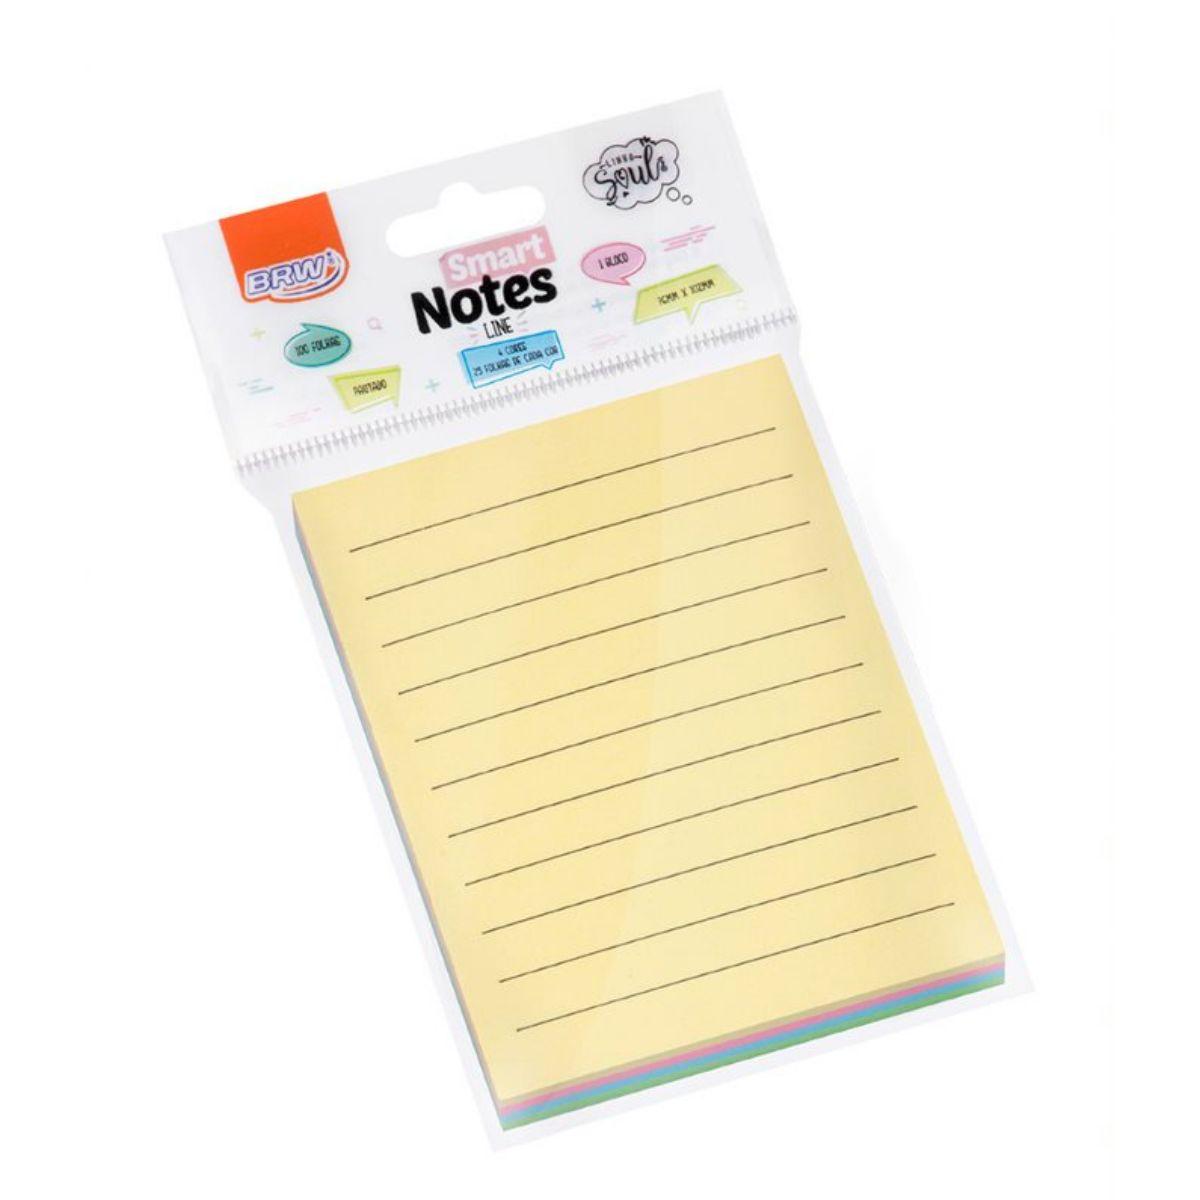 Bloco Smart Notes Pautados 76x102mm com 4 Cores - BRW